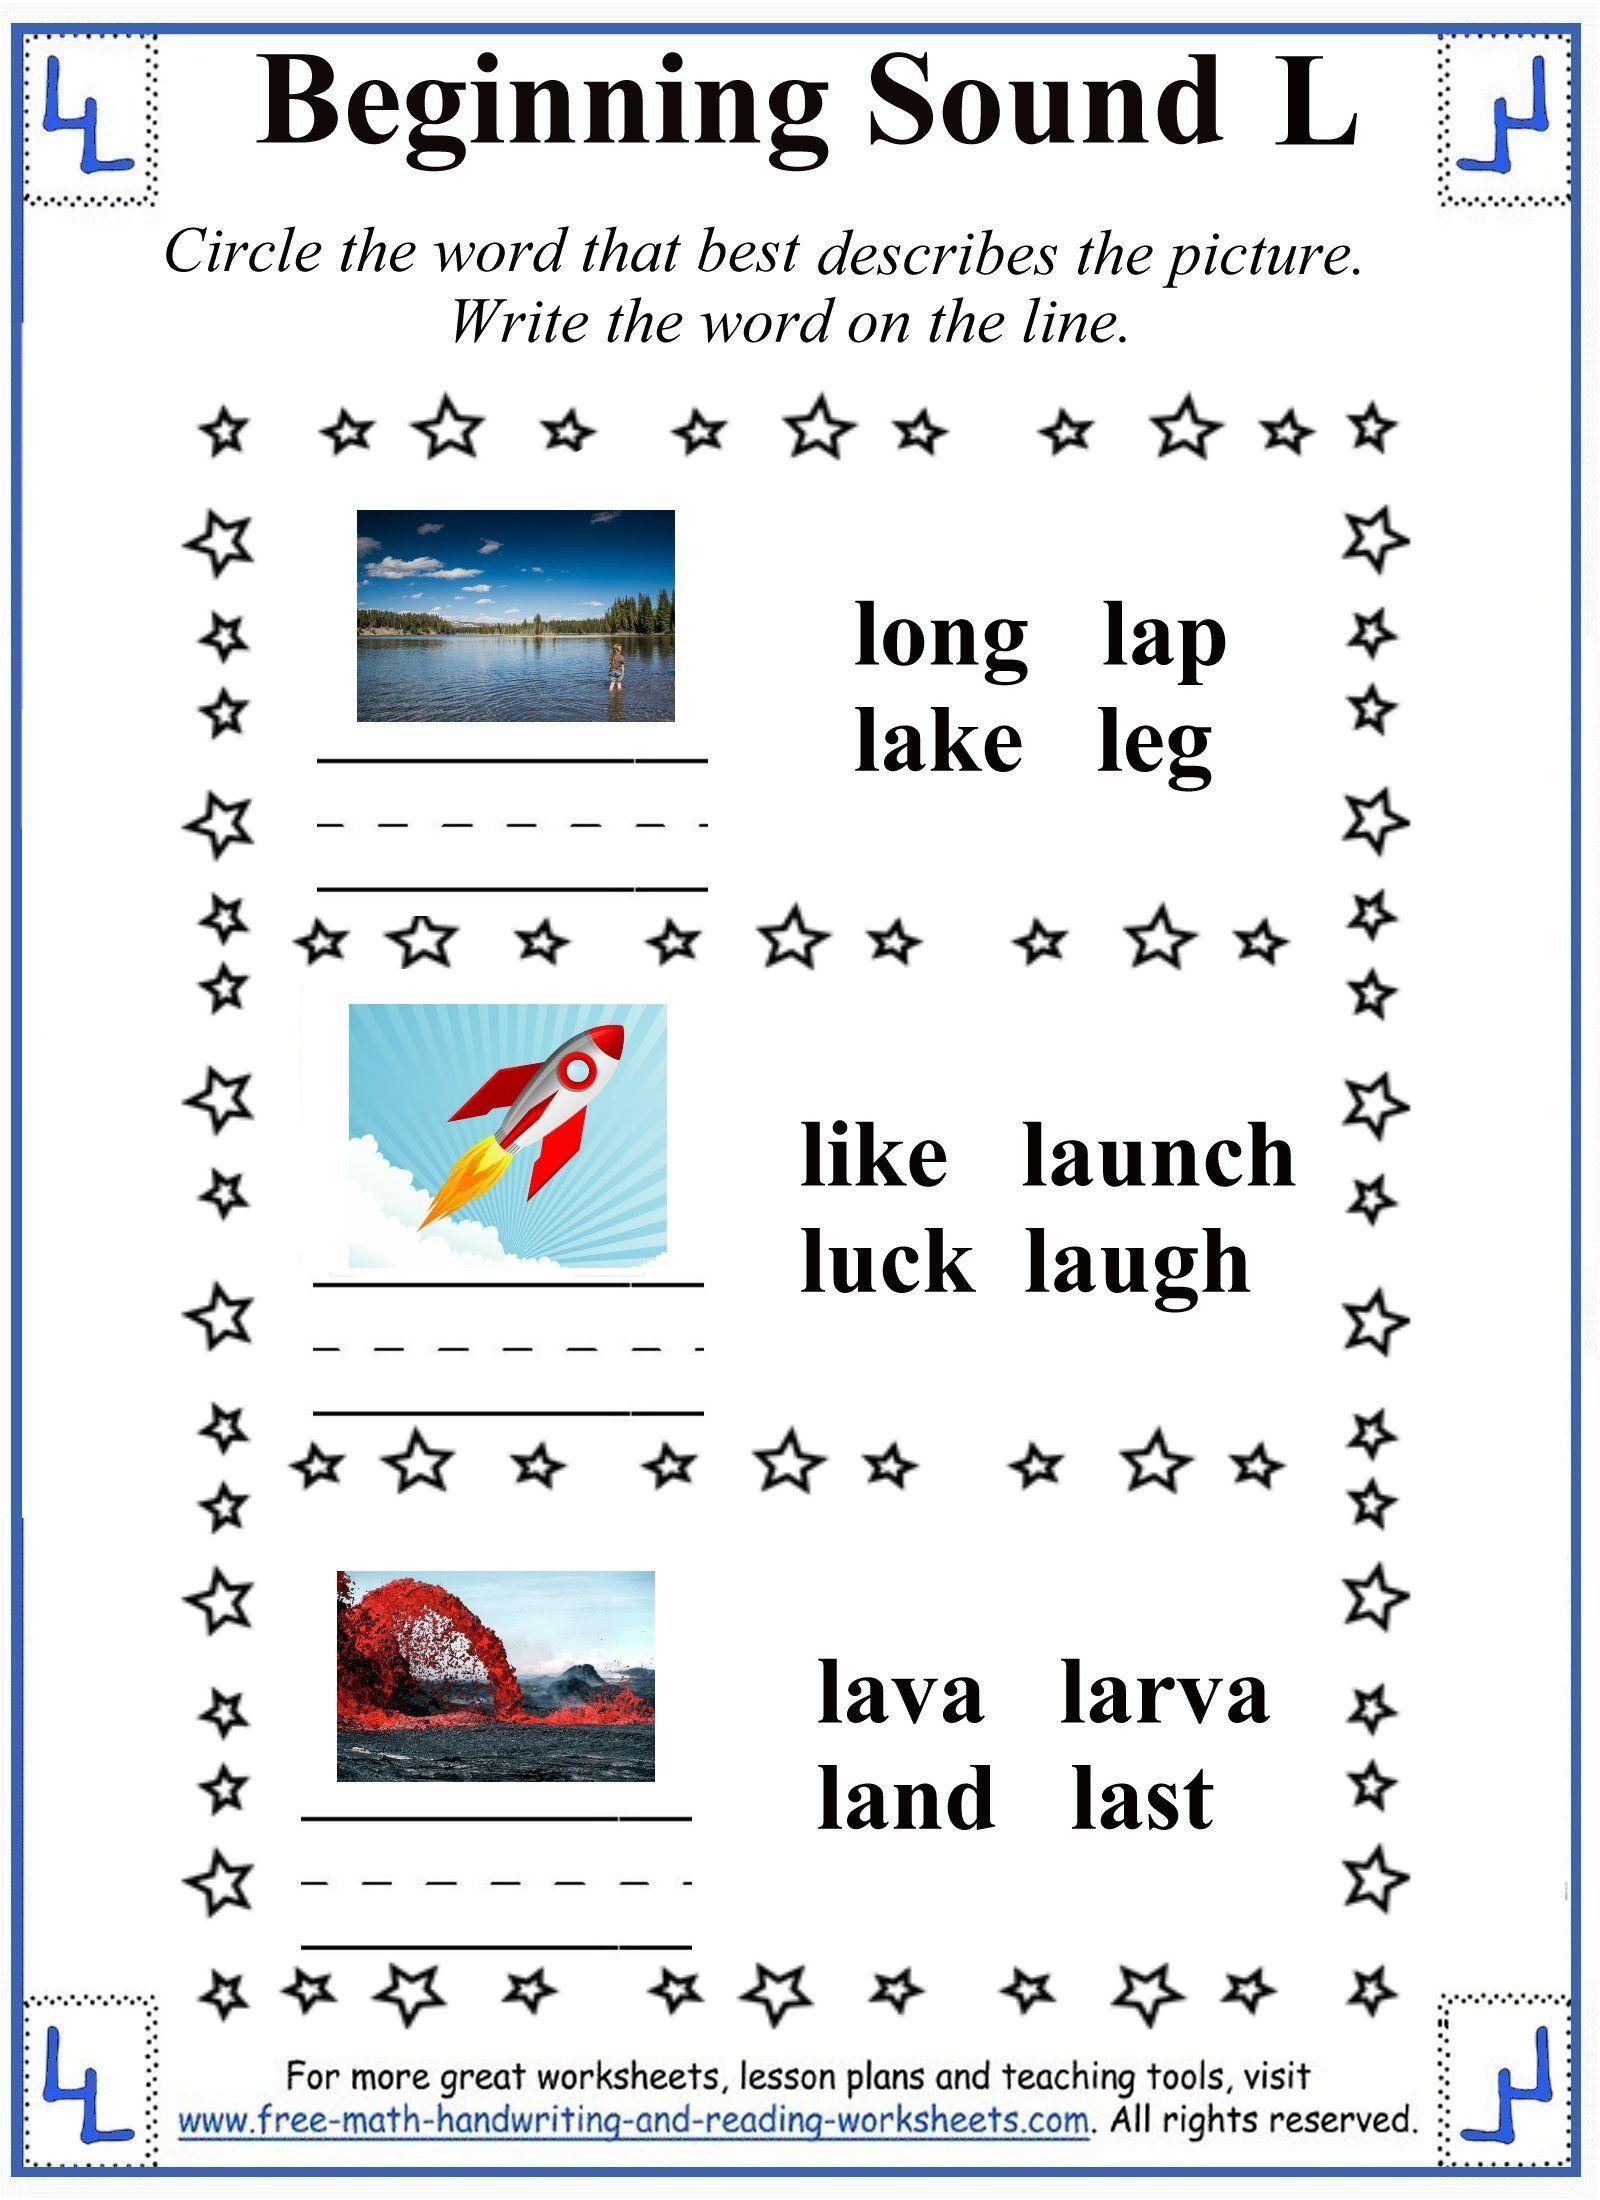 L Letter Worksheet 3 | Consonant Letters | Pinterest